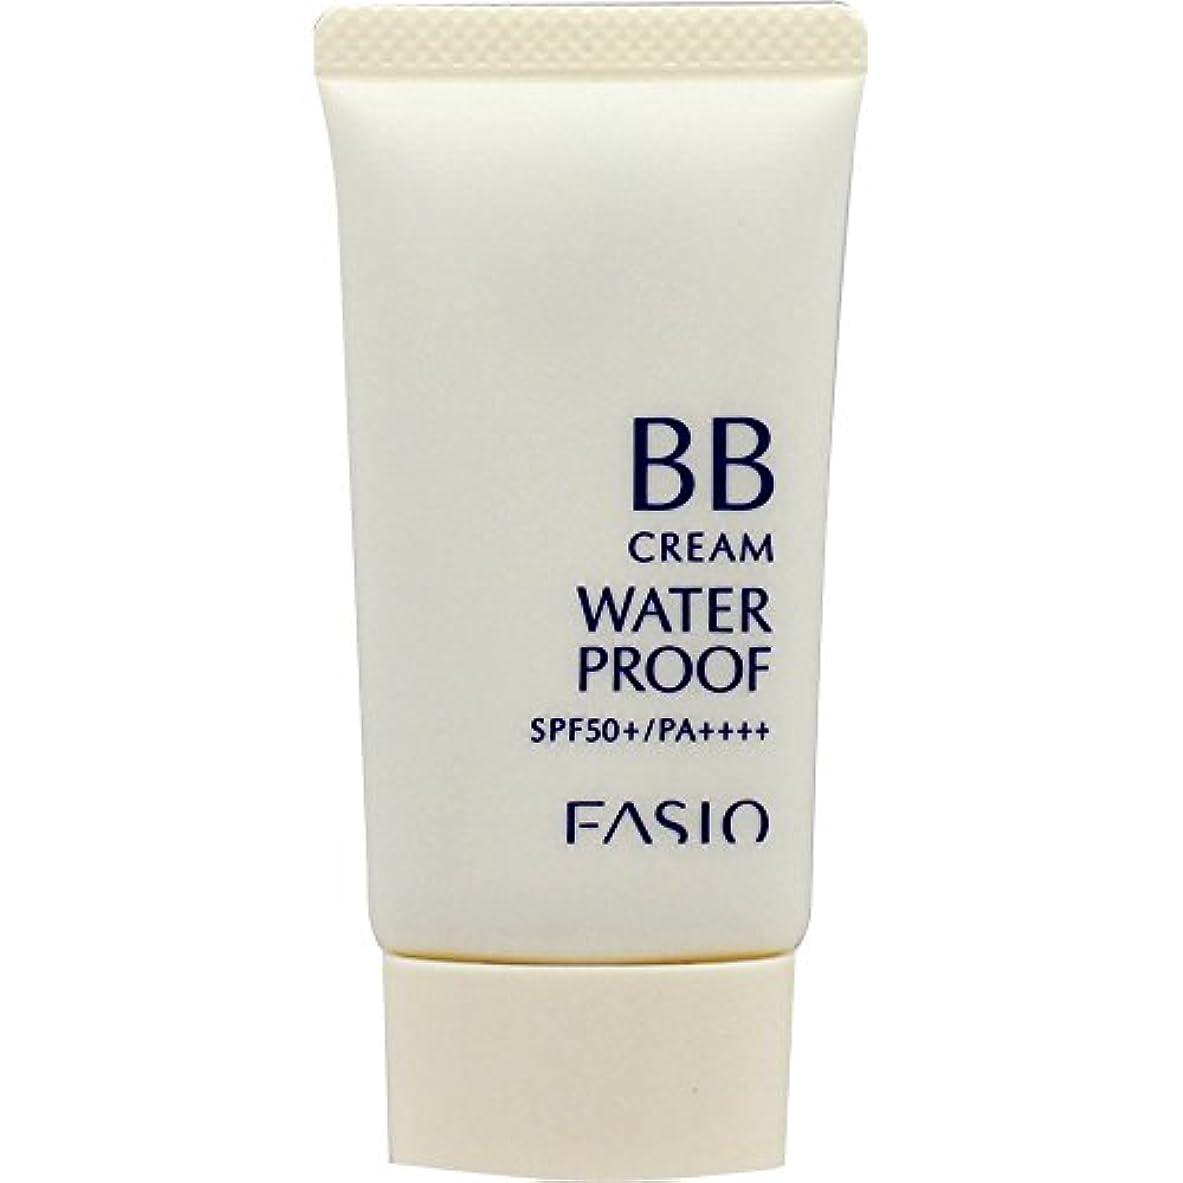 振る穏やかなバルクファシオ BB クリーム ウォータープルーフ 明るい肌色 01 30g